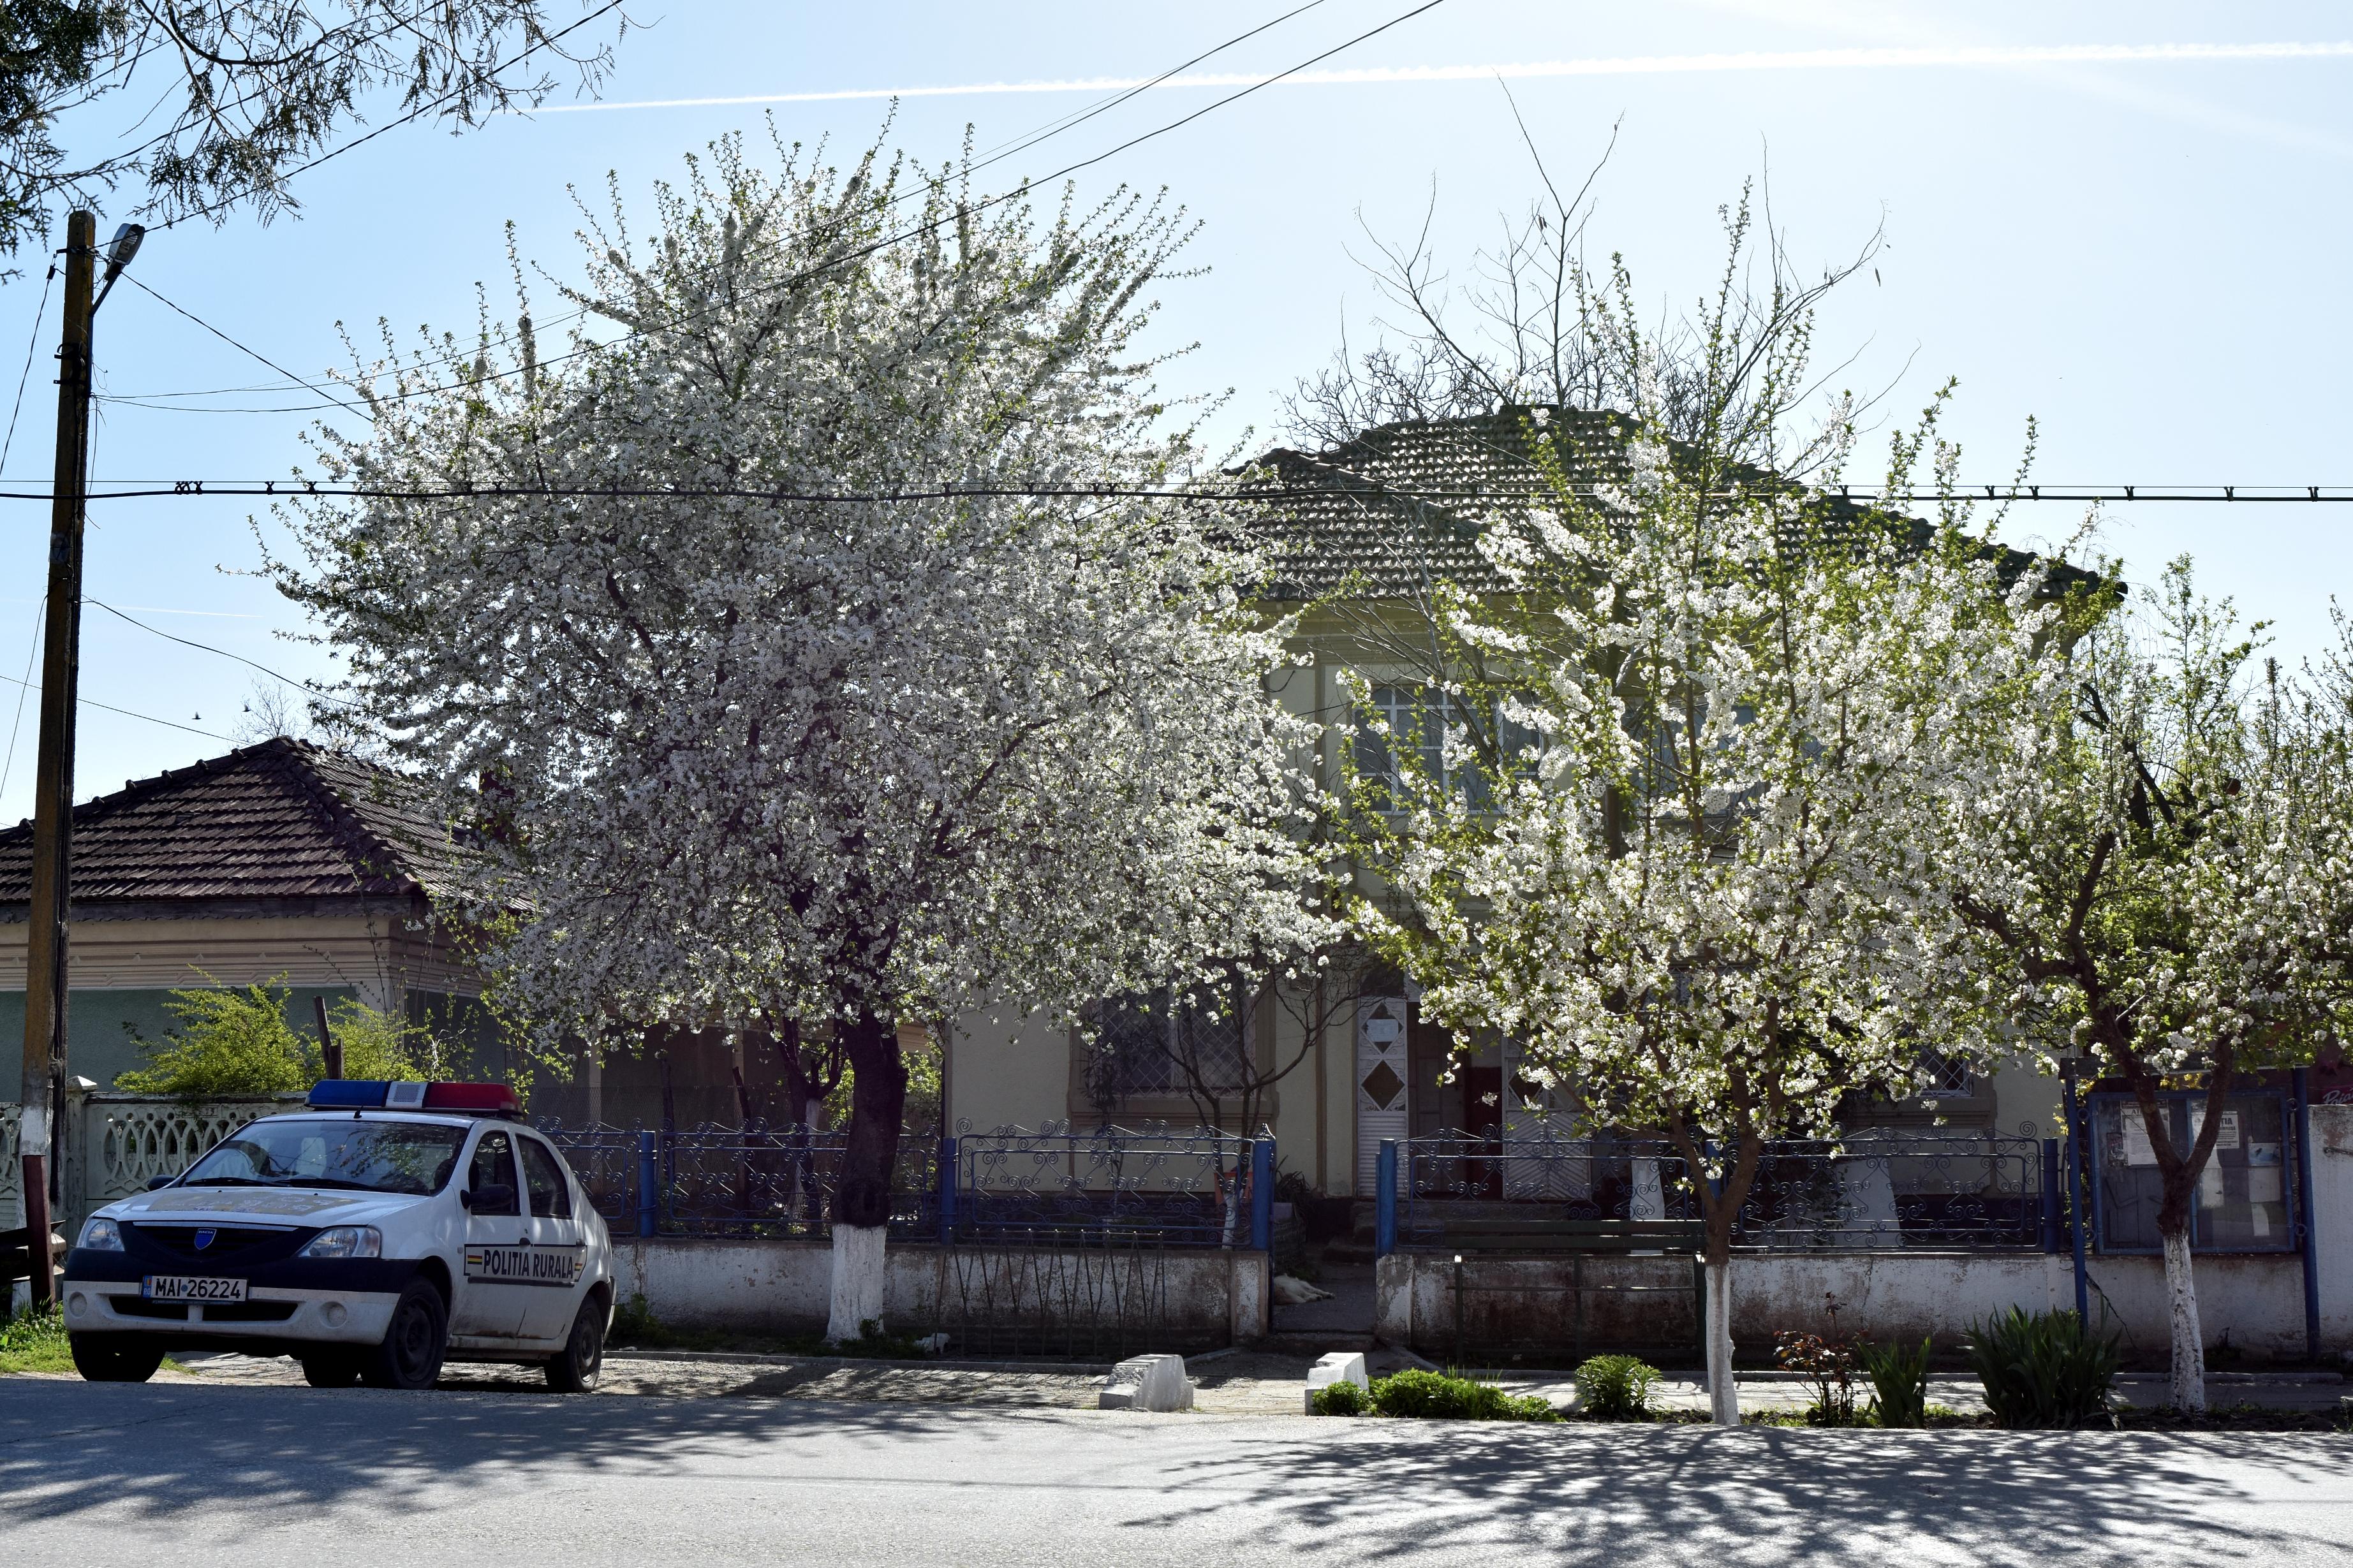 Sediul Poliției din comuna Islaz, unde tatăl lui Liviu Dragnea a fost șef de post la sfârșitul anilor '70 . Clădirea are la etaj o locuință de serviciu. Acolo și-a petrecut Liviu adolescența. FOTO: Recorder